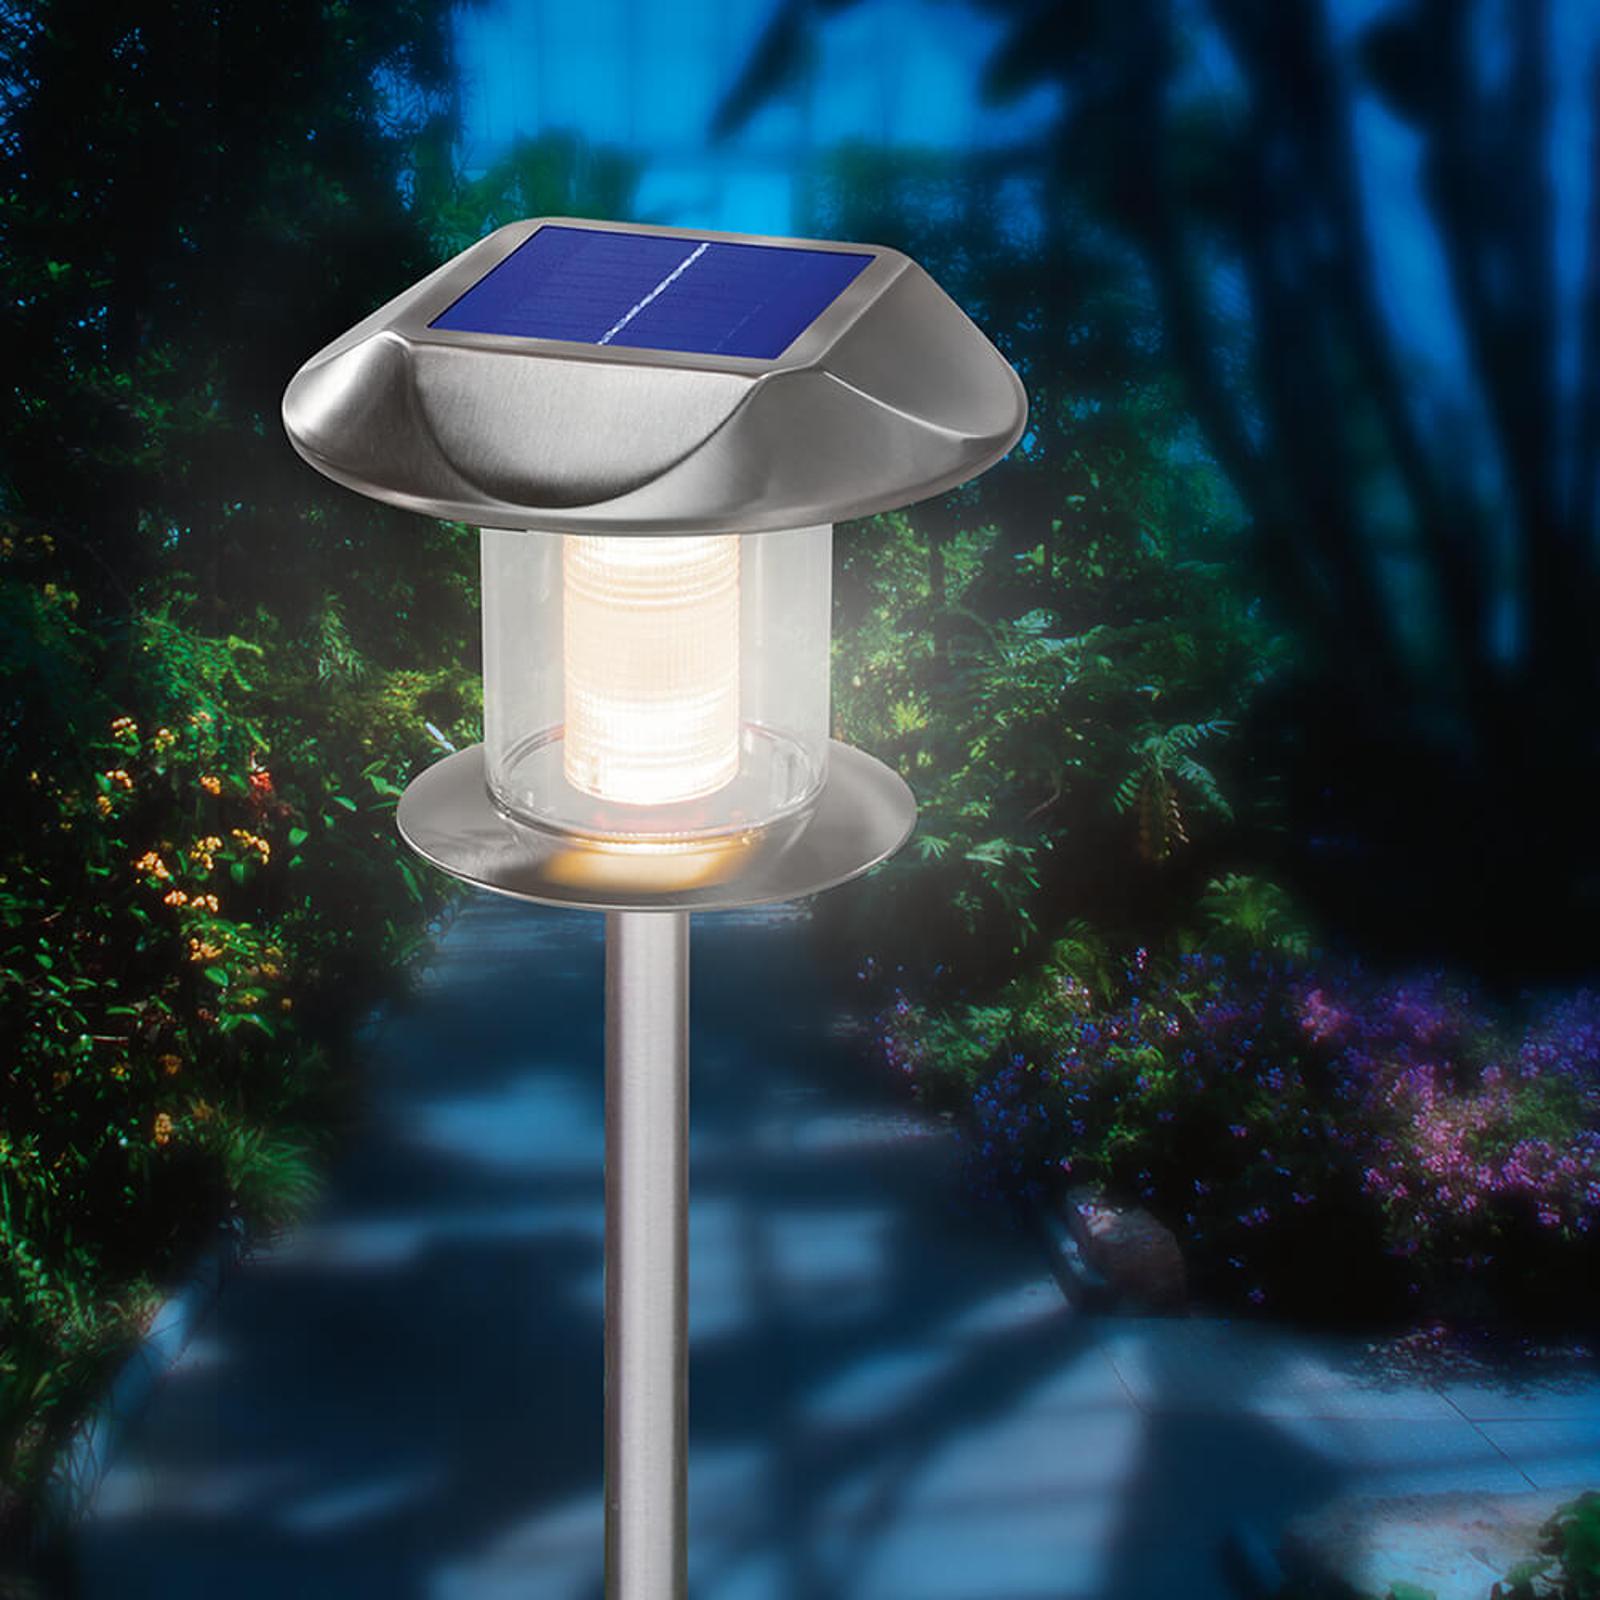 Lampada solare LED Sunny, luce calda e diurna